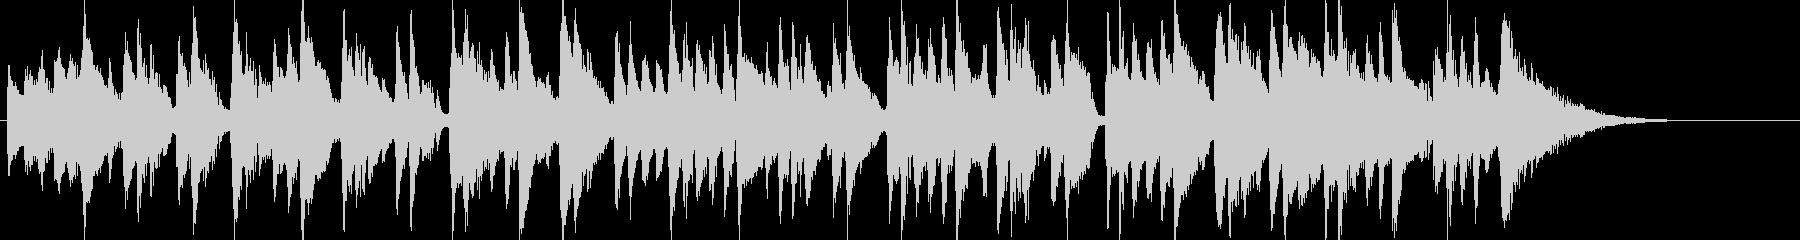 ボサノバ調のおちついた曲の未再生の波形